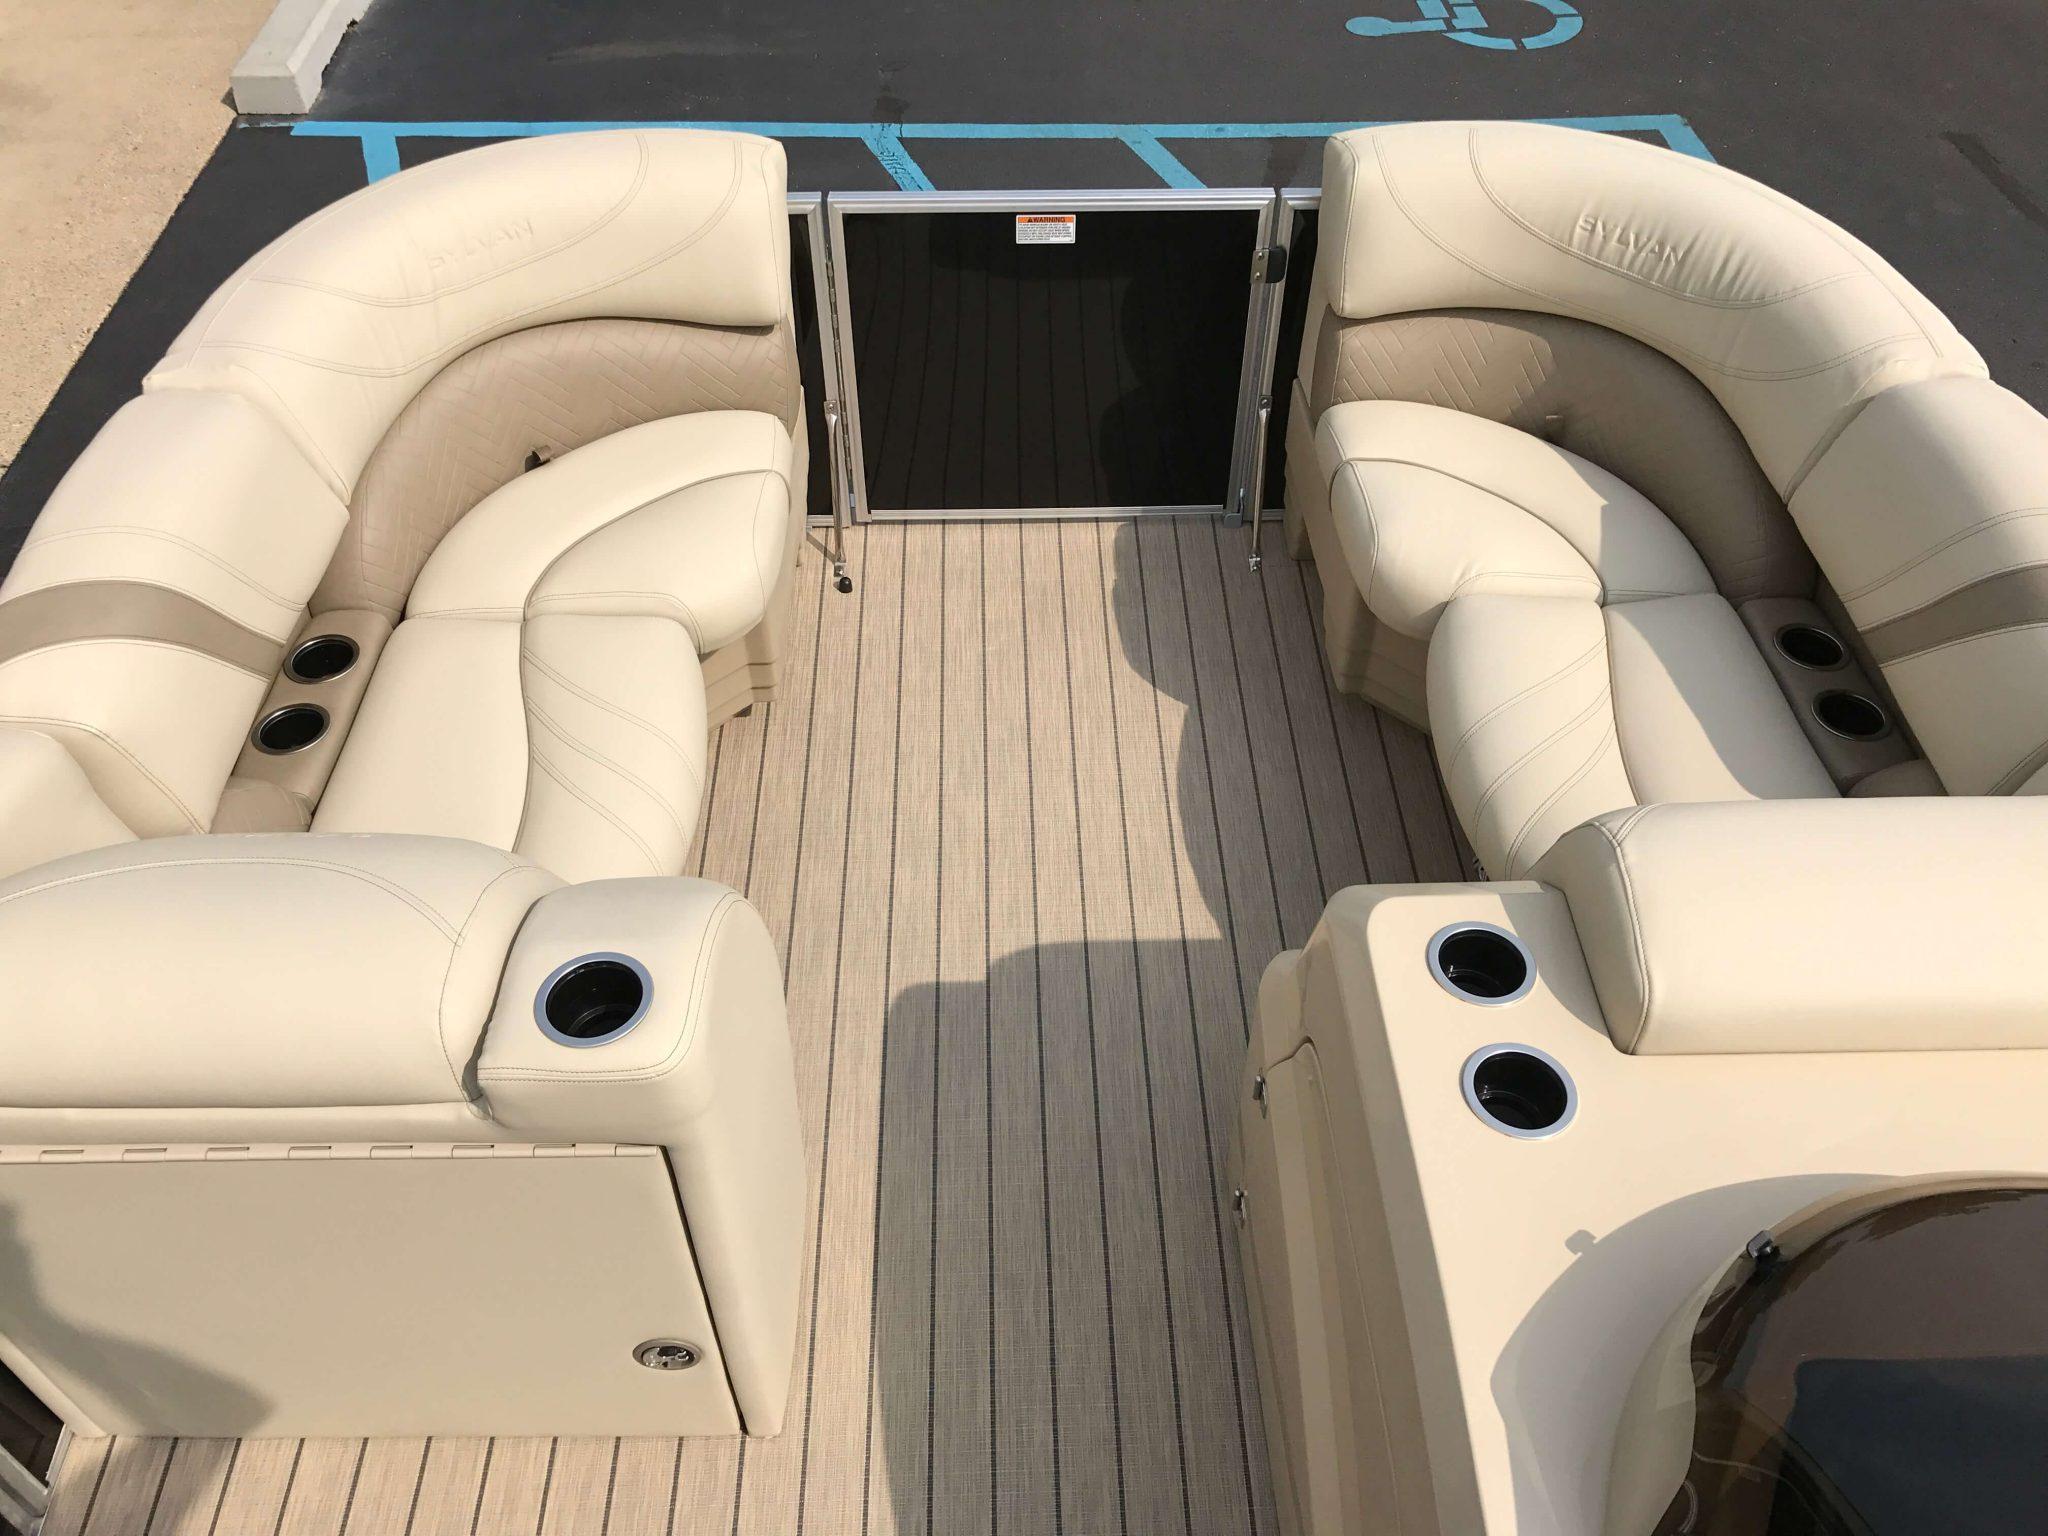 2019 Sylvan 8520 LZ LE Interior Cockpit Layout 3